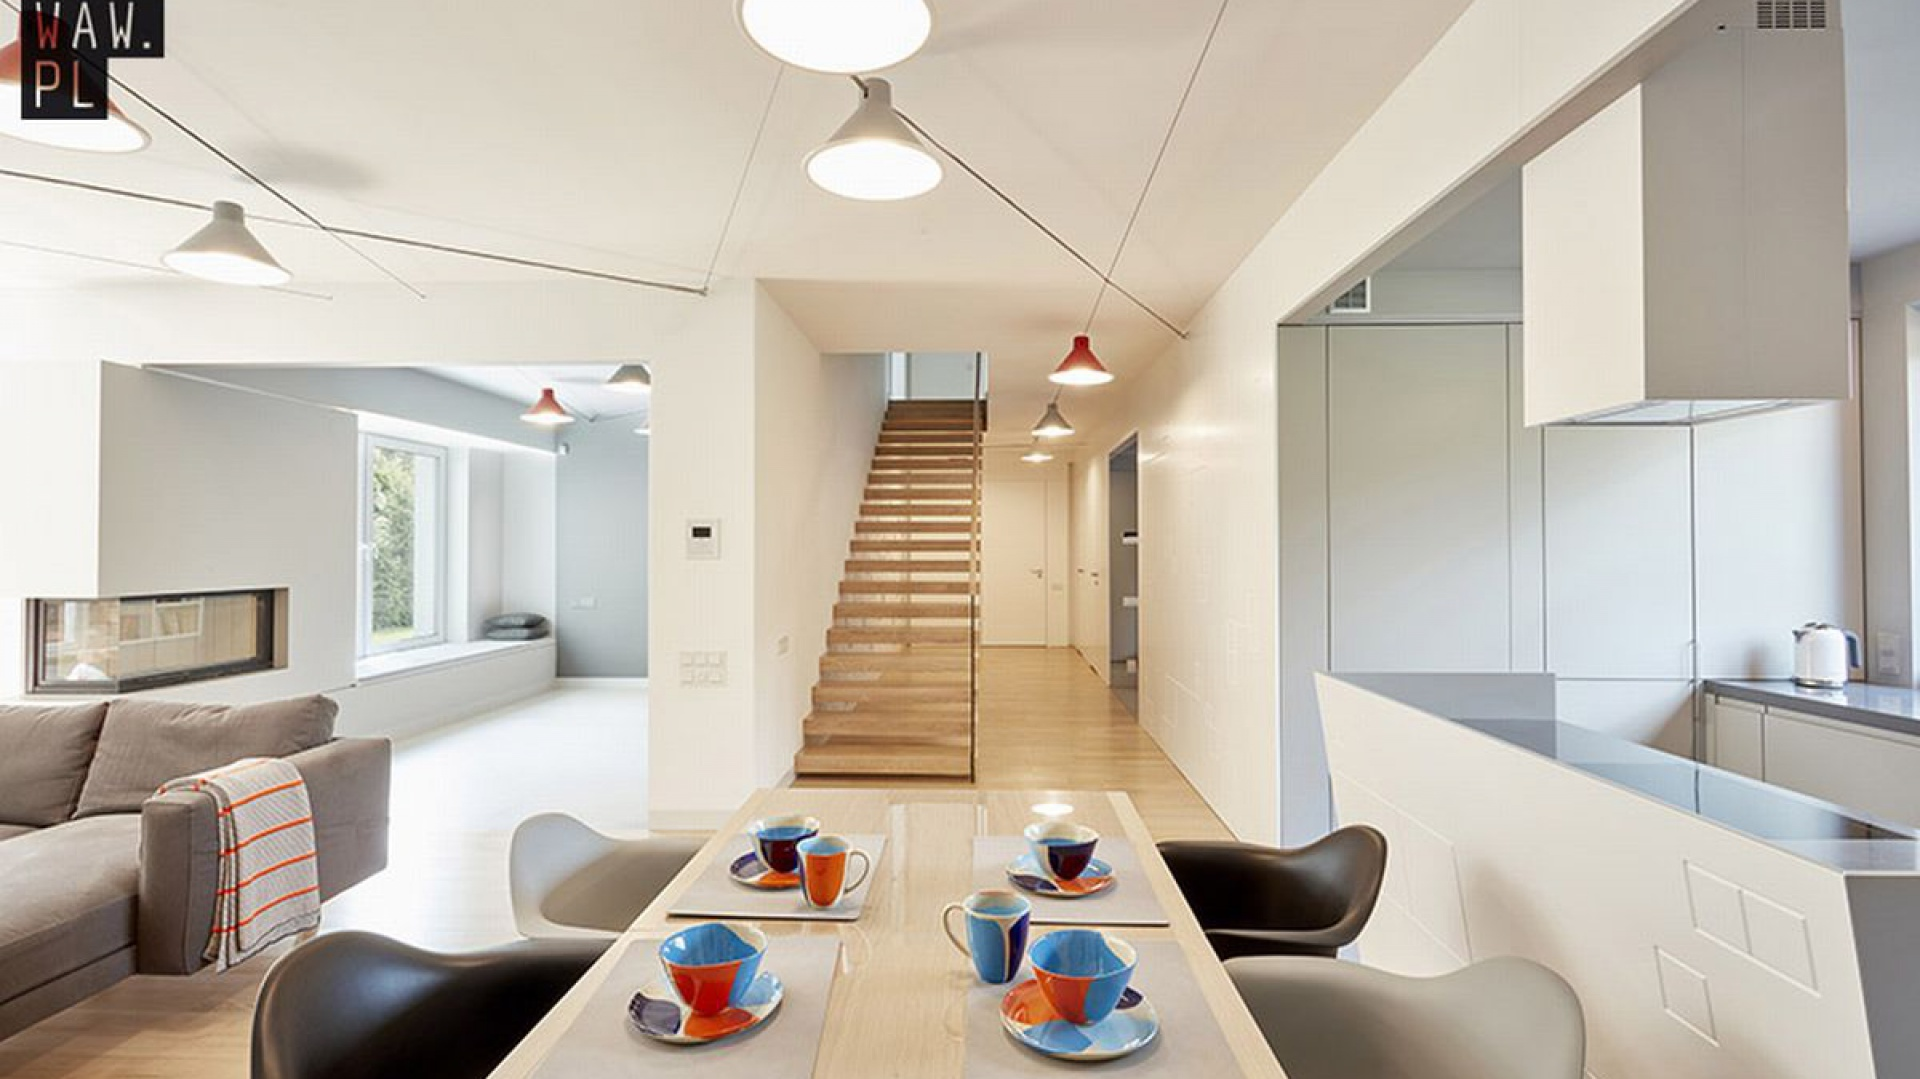 Głównym elementem części dziennej, czyli parteru, jest drewniana posadzka oraz drewniane schody wspornikowe montowane w ścianie, co sprawia, że są bardzo lekkie. Fot. 81.waw.pl